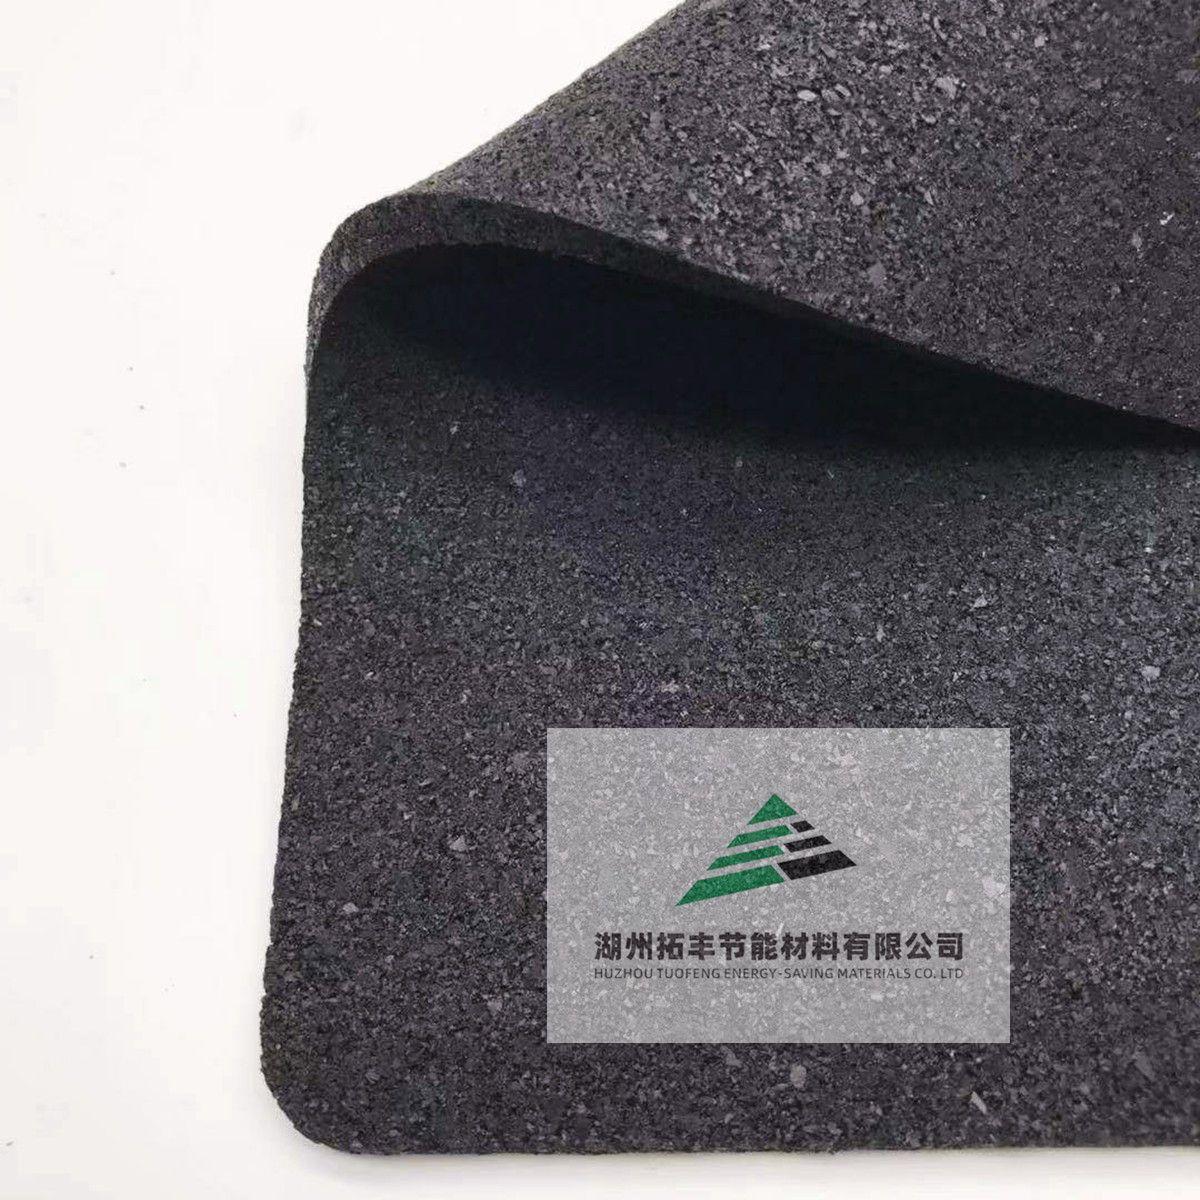 橡胶隔音垫厂家,橡胶减震垫,橡胶隔音减震垫,聚氨酯橡胶隔音垫,橡胶颗粒隔音垫,橡胶减振垫,橡胶垫,浮筑楼板隔音减振垫